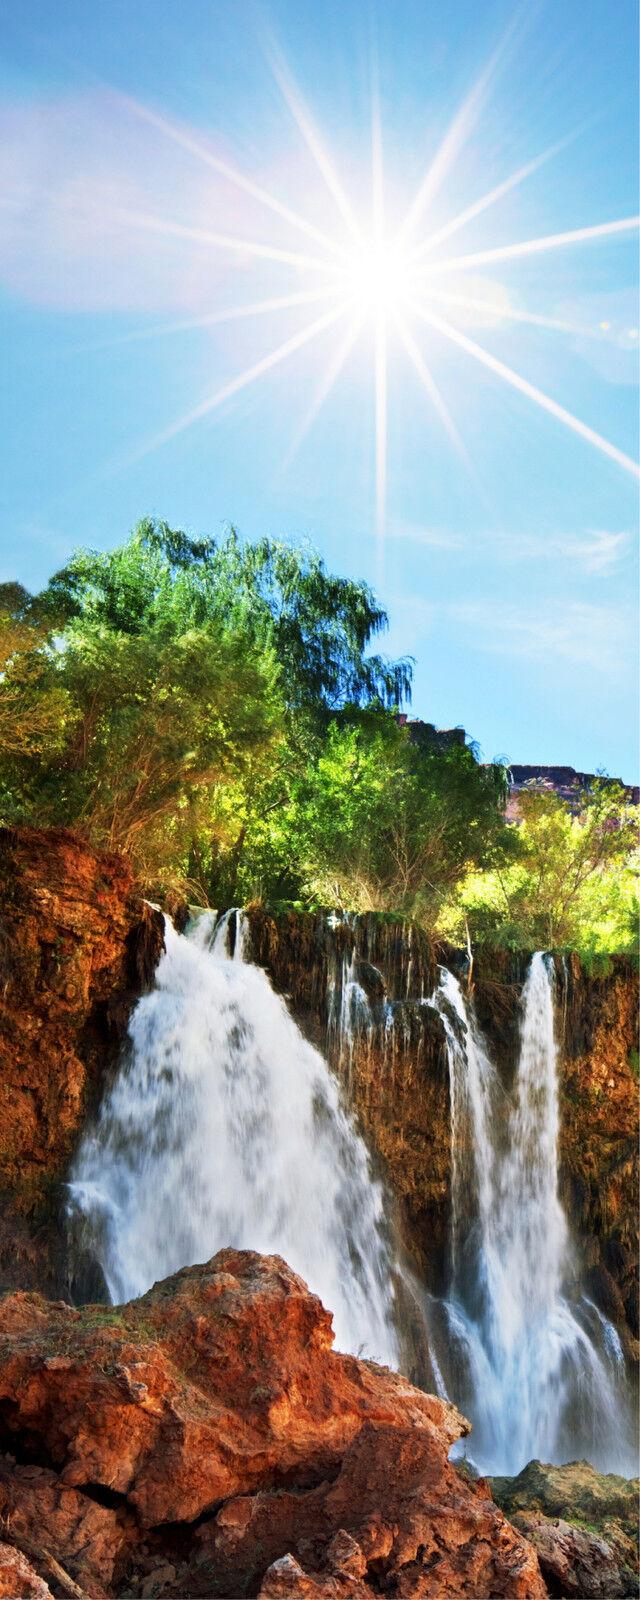 Adhesivo Trampantojo Trampantojo Cascada de Agua 100x200cm Ref 419